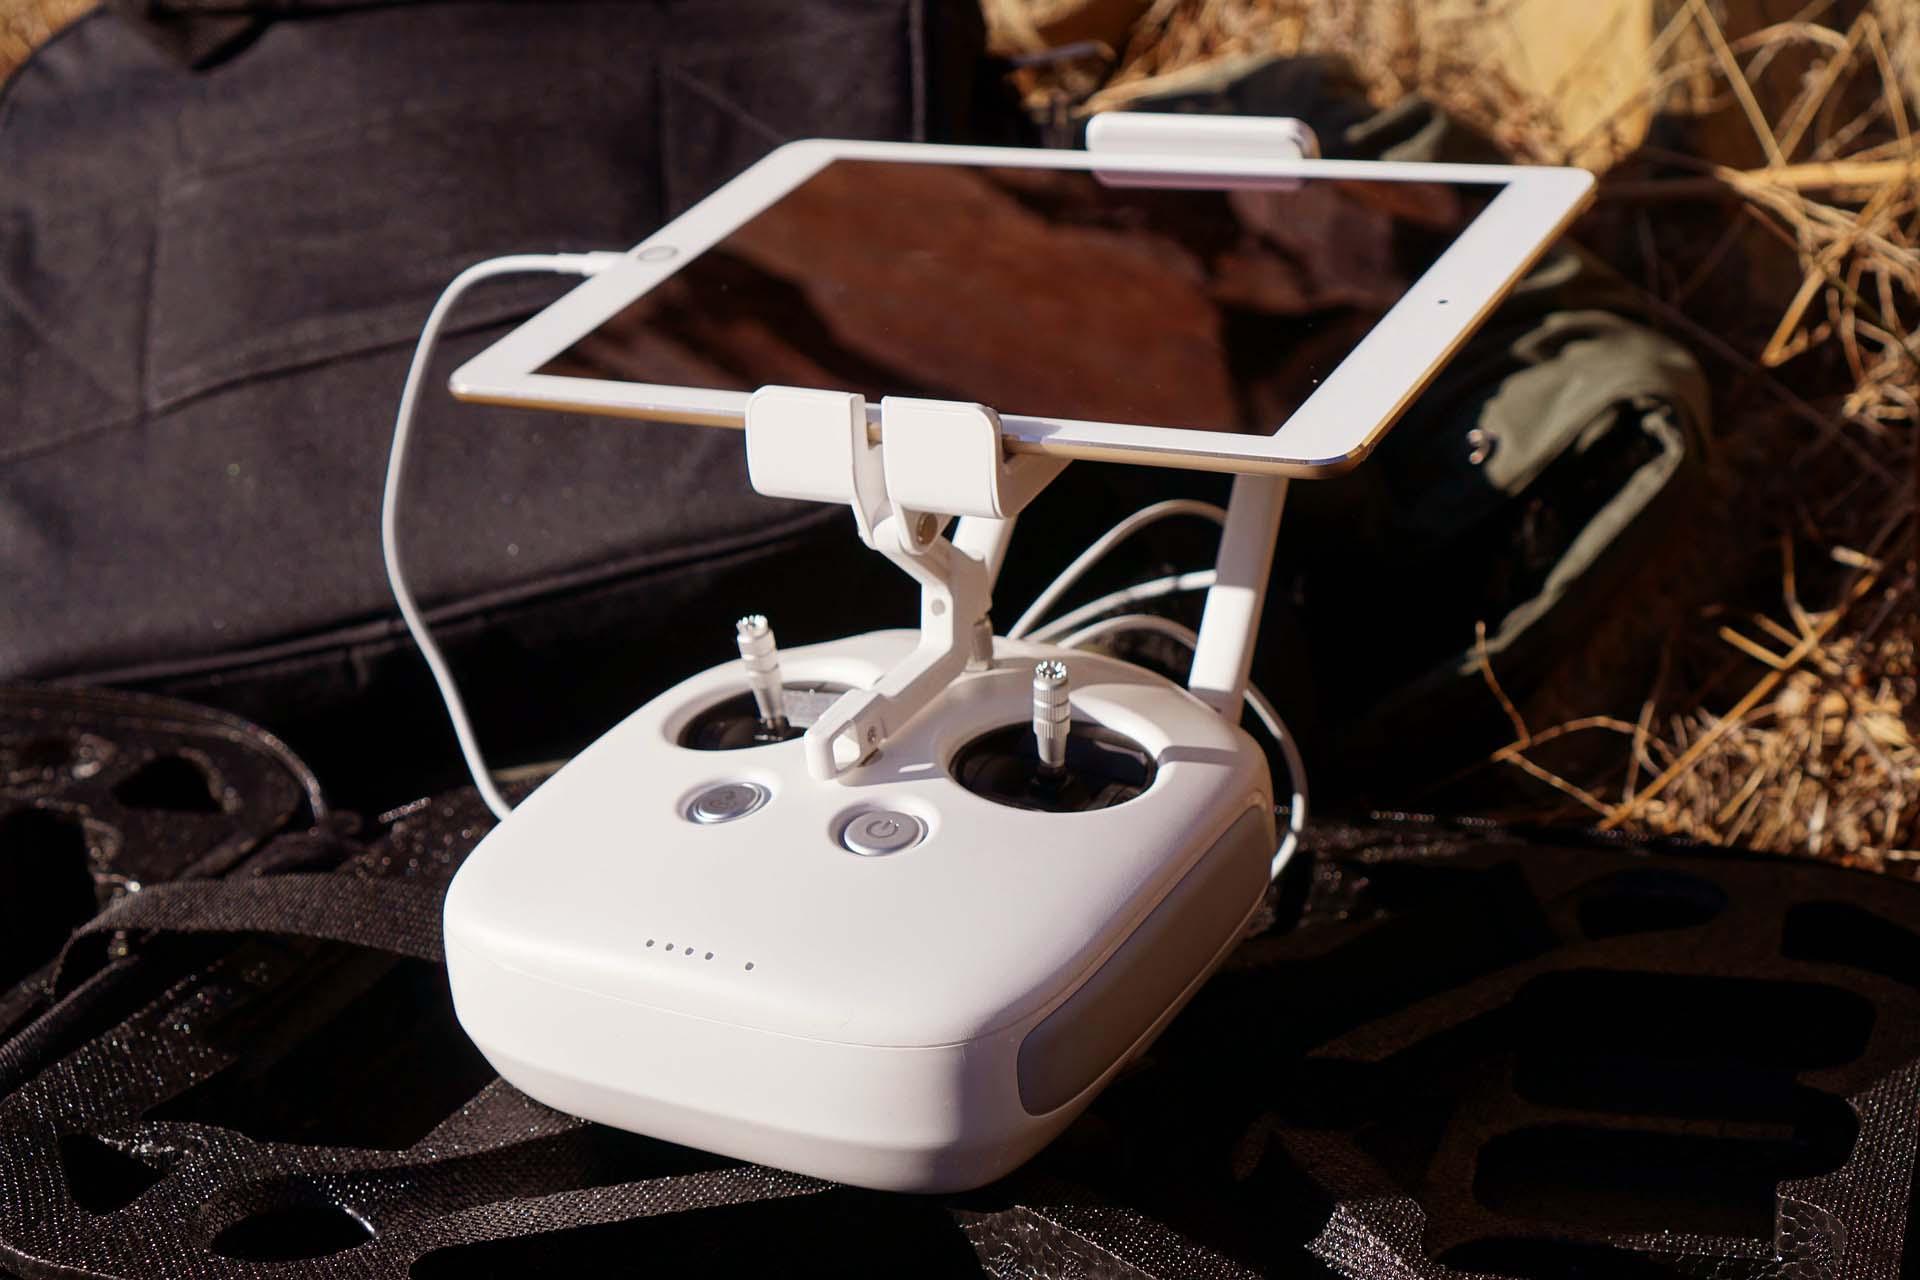 arreglo-de-drones-quito